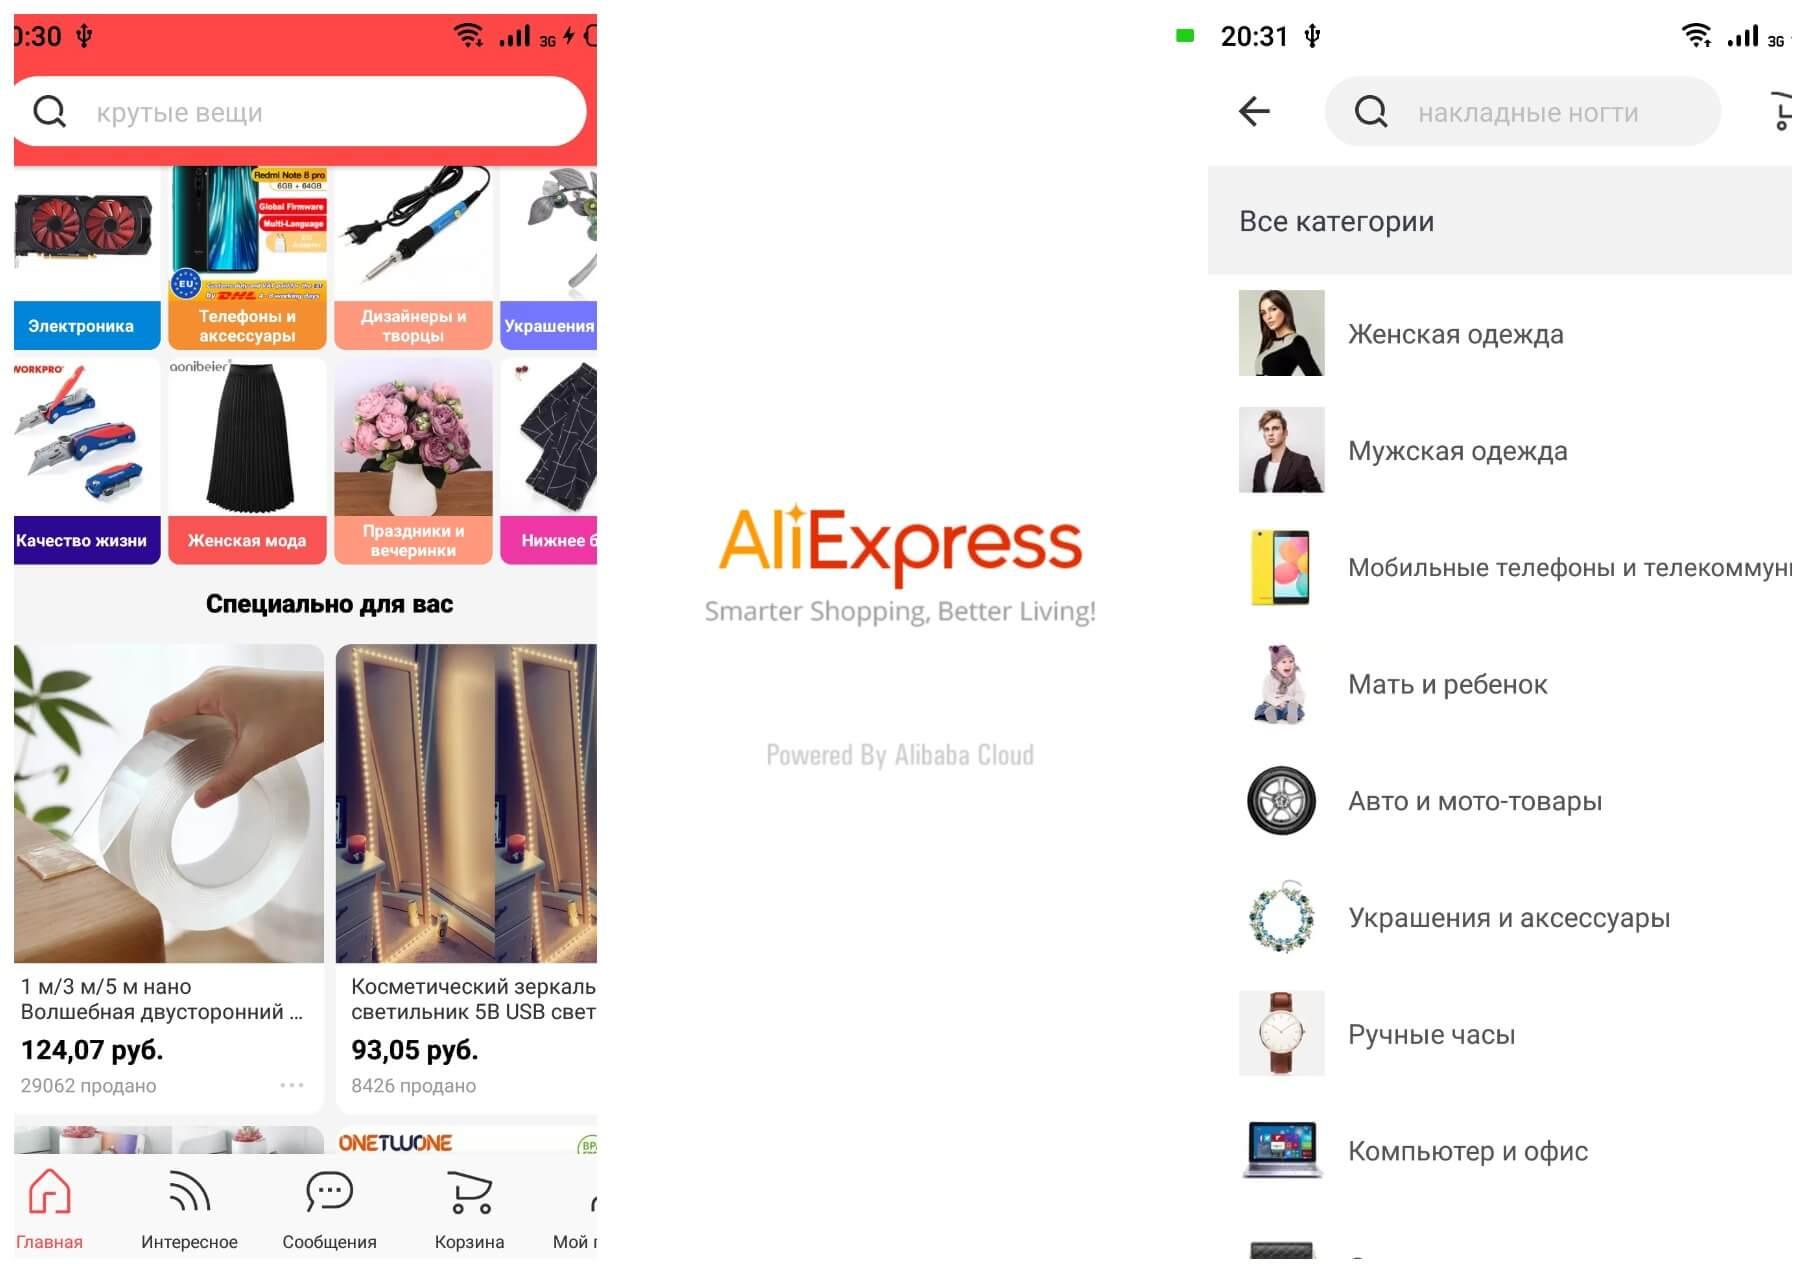 На фото изображено приложение aliexpress.